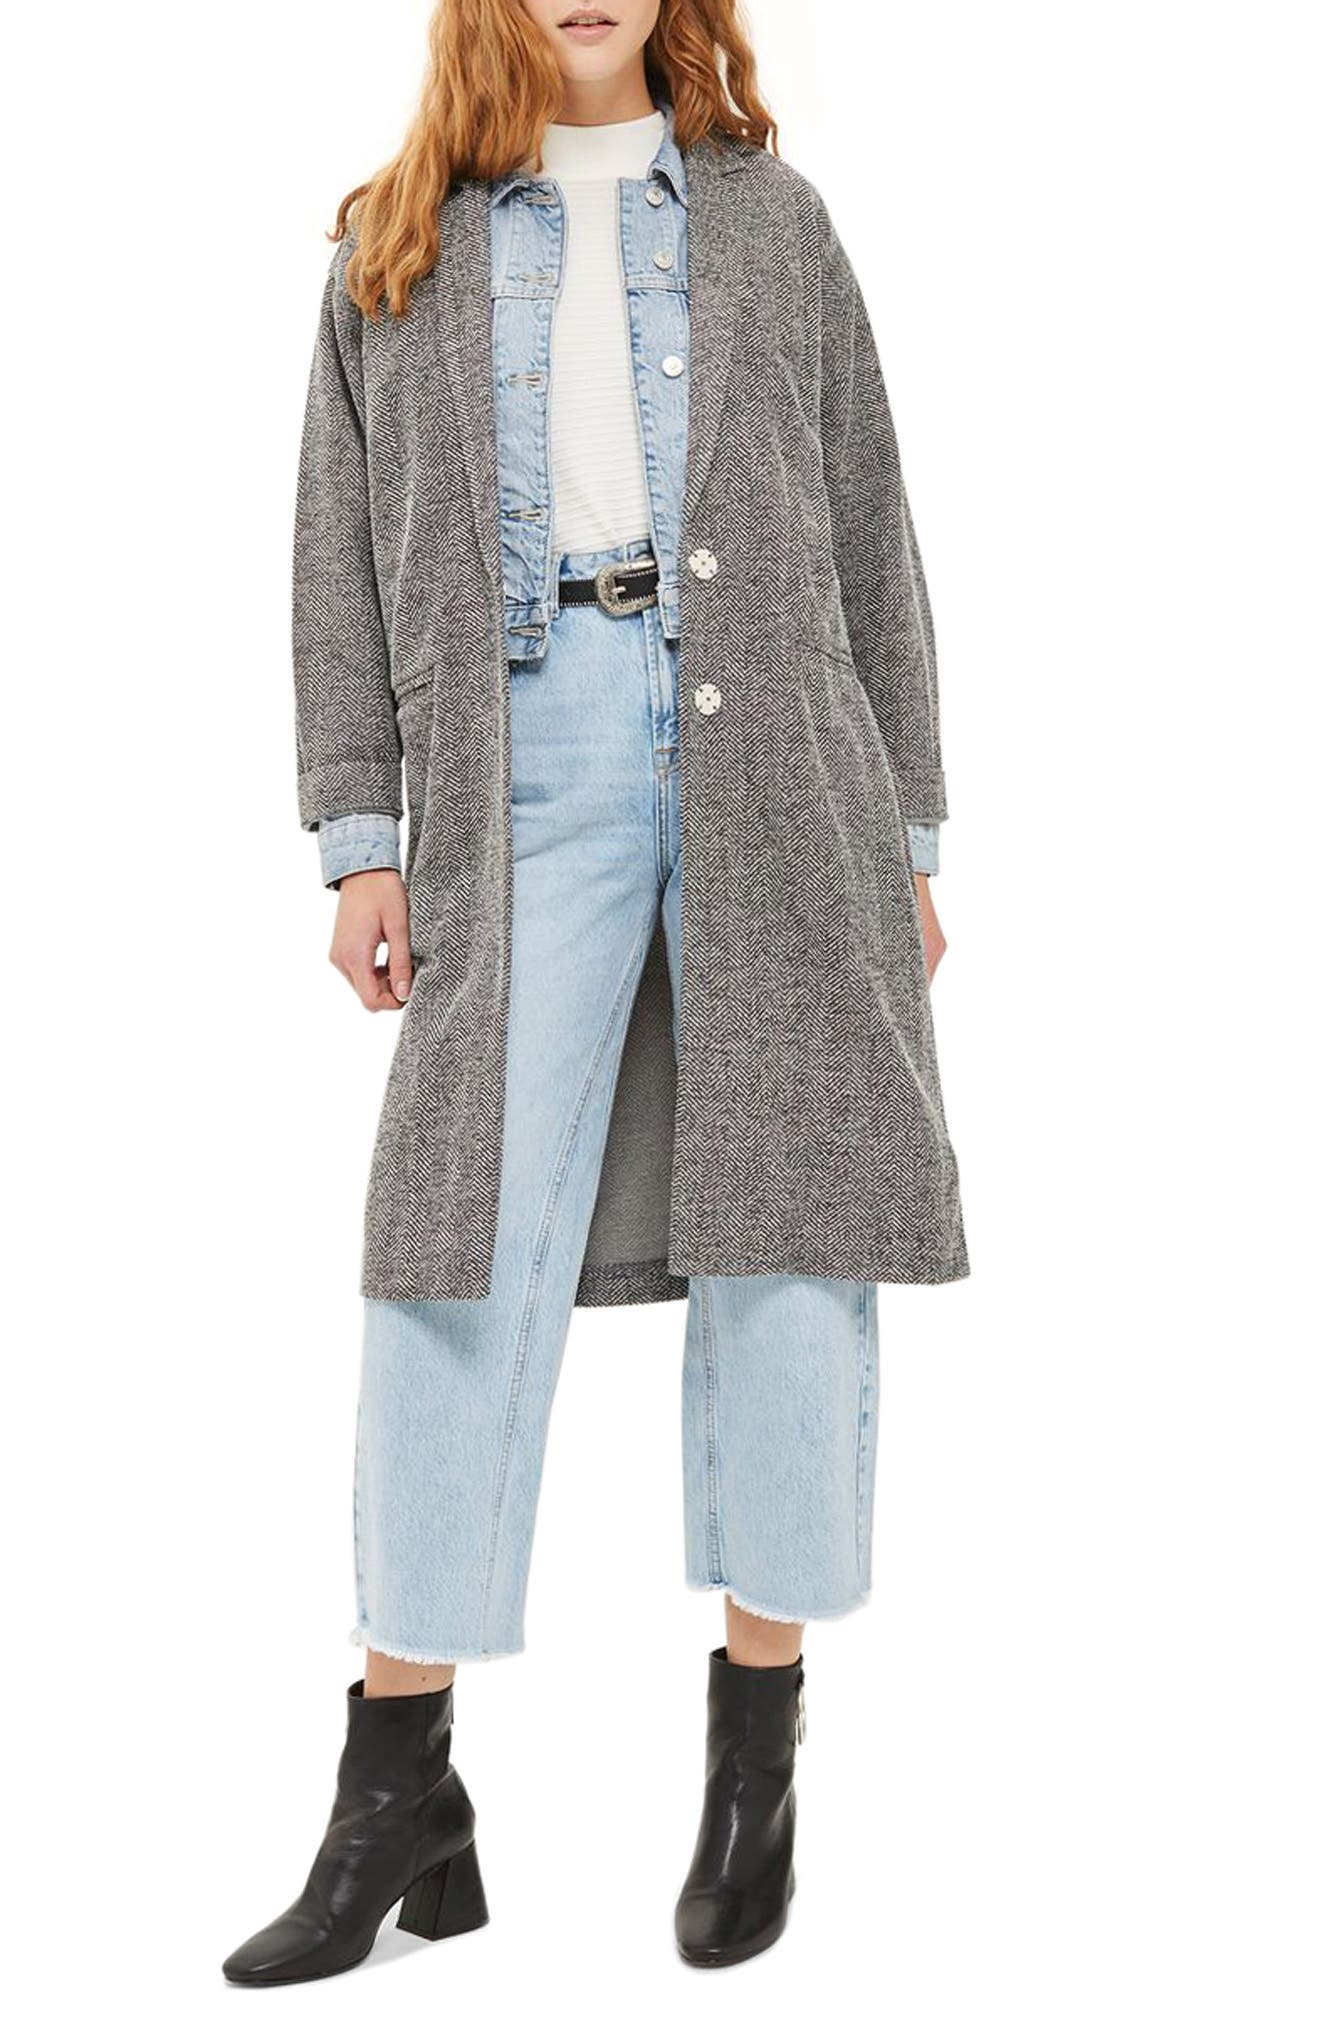 Alternate Image 1 Selected - Topshop Herringbone Jersey Coat